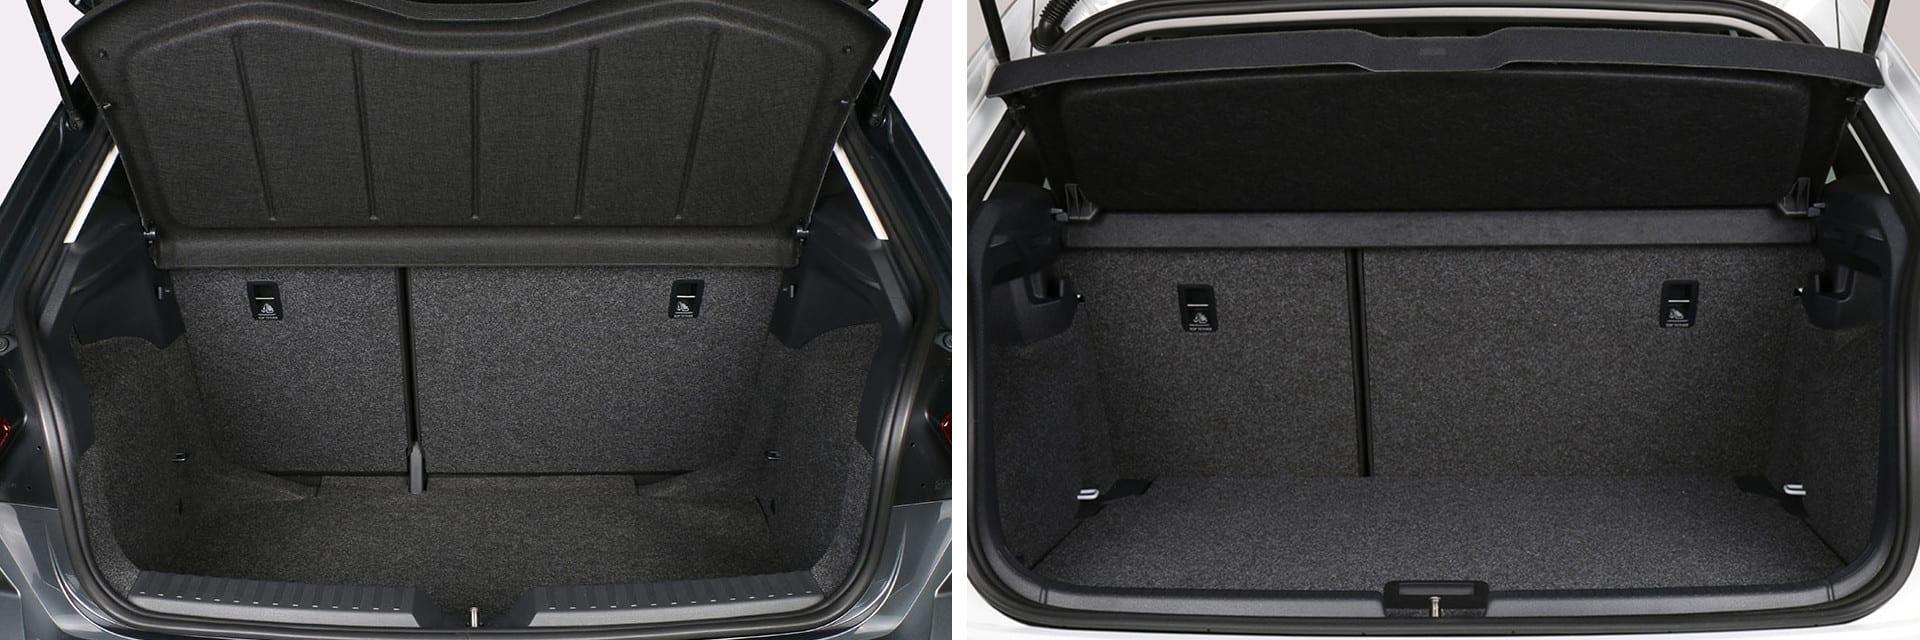 El maletero del Polo (izq.) y del Ibiza (dcha.) cuentan con una capacidad muy parecida: 351 y 355 litros, respectivamente.